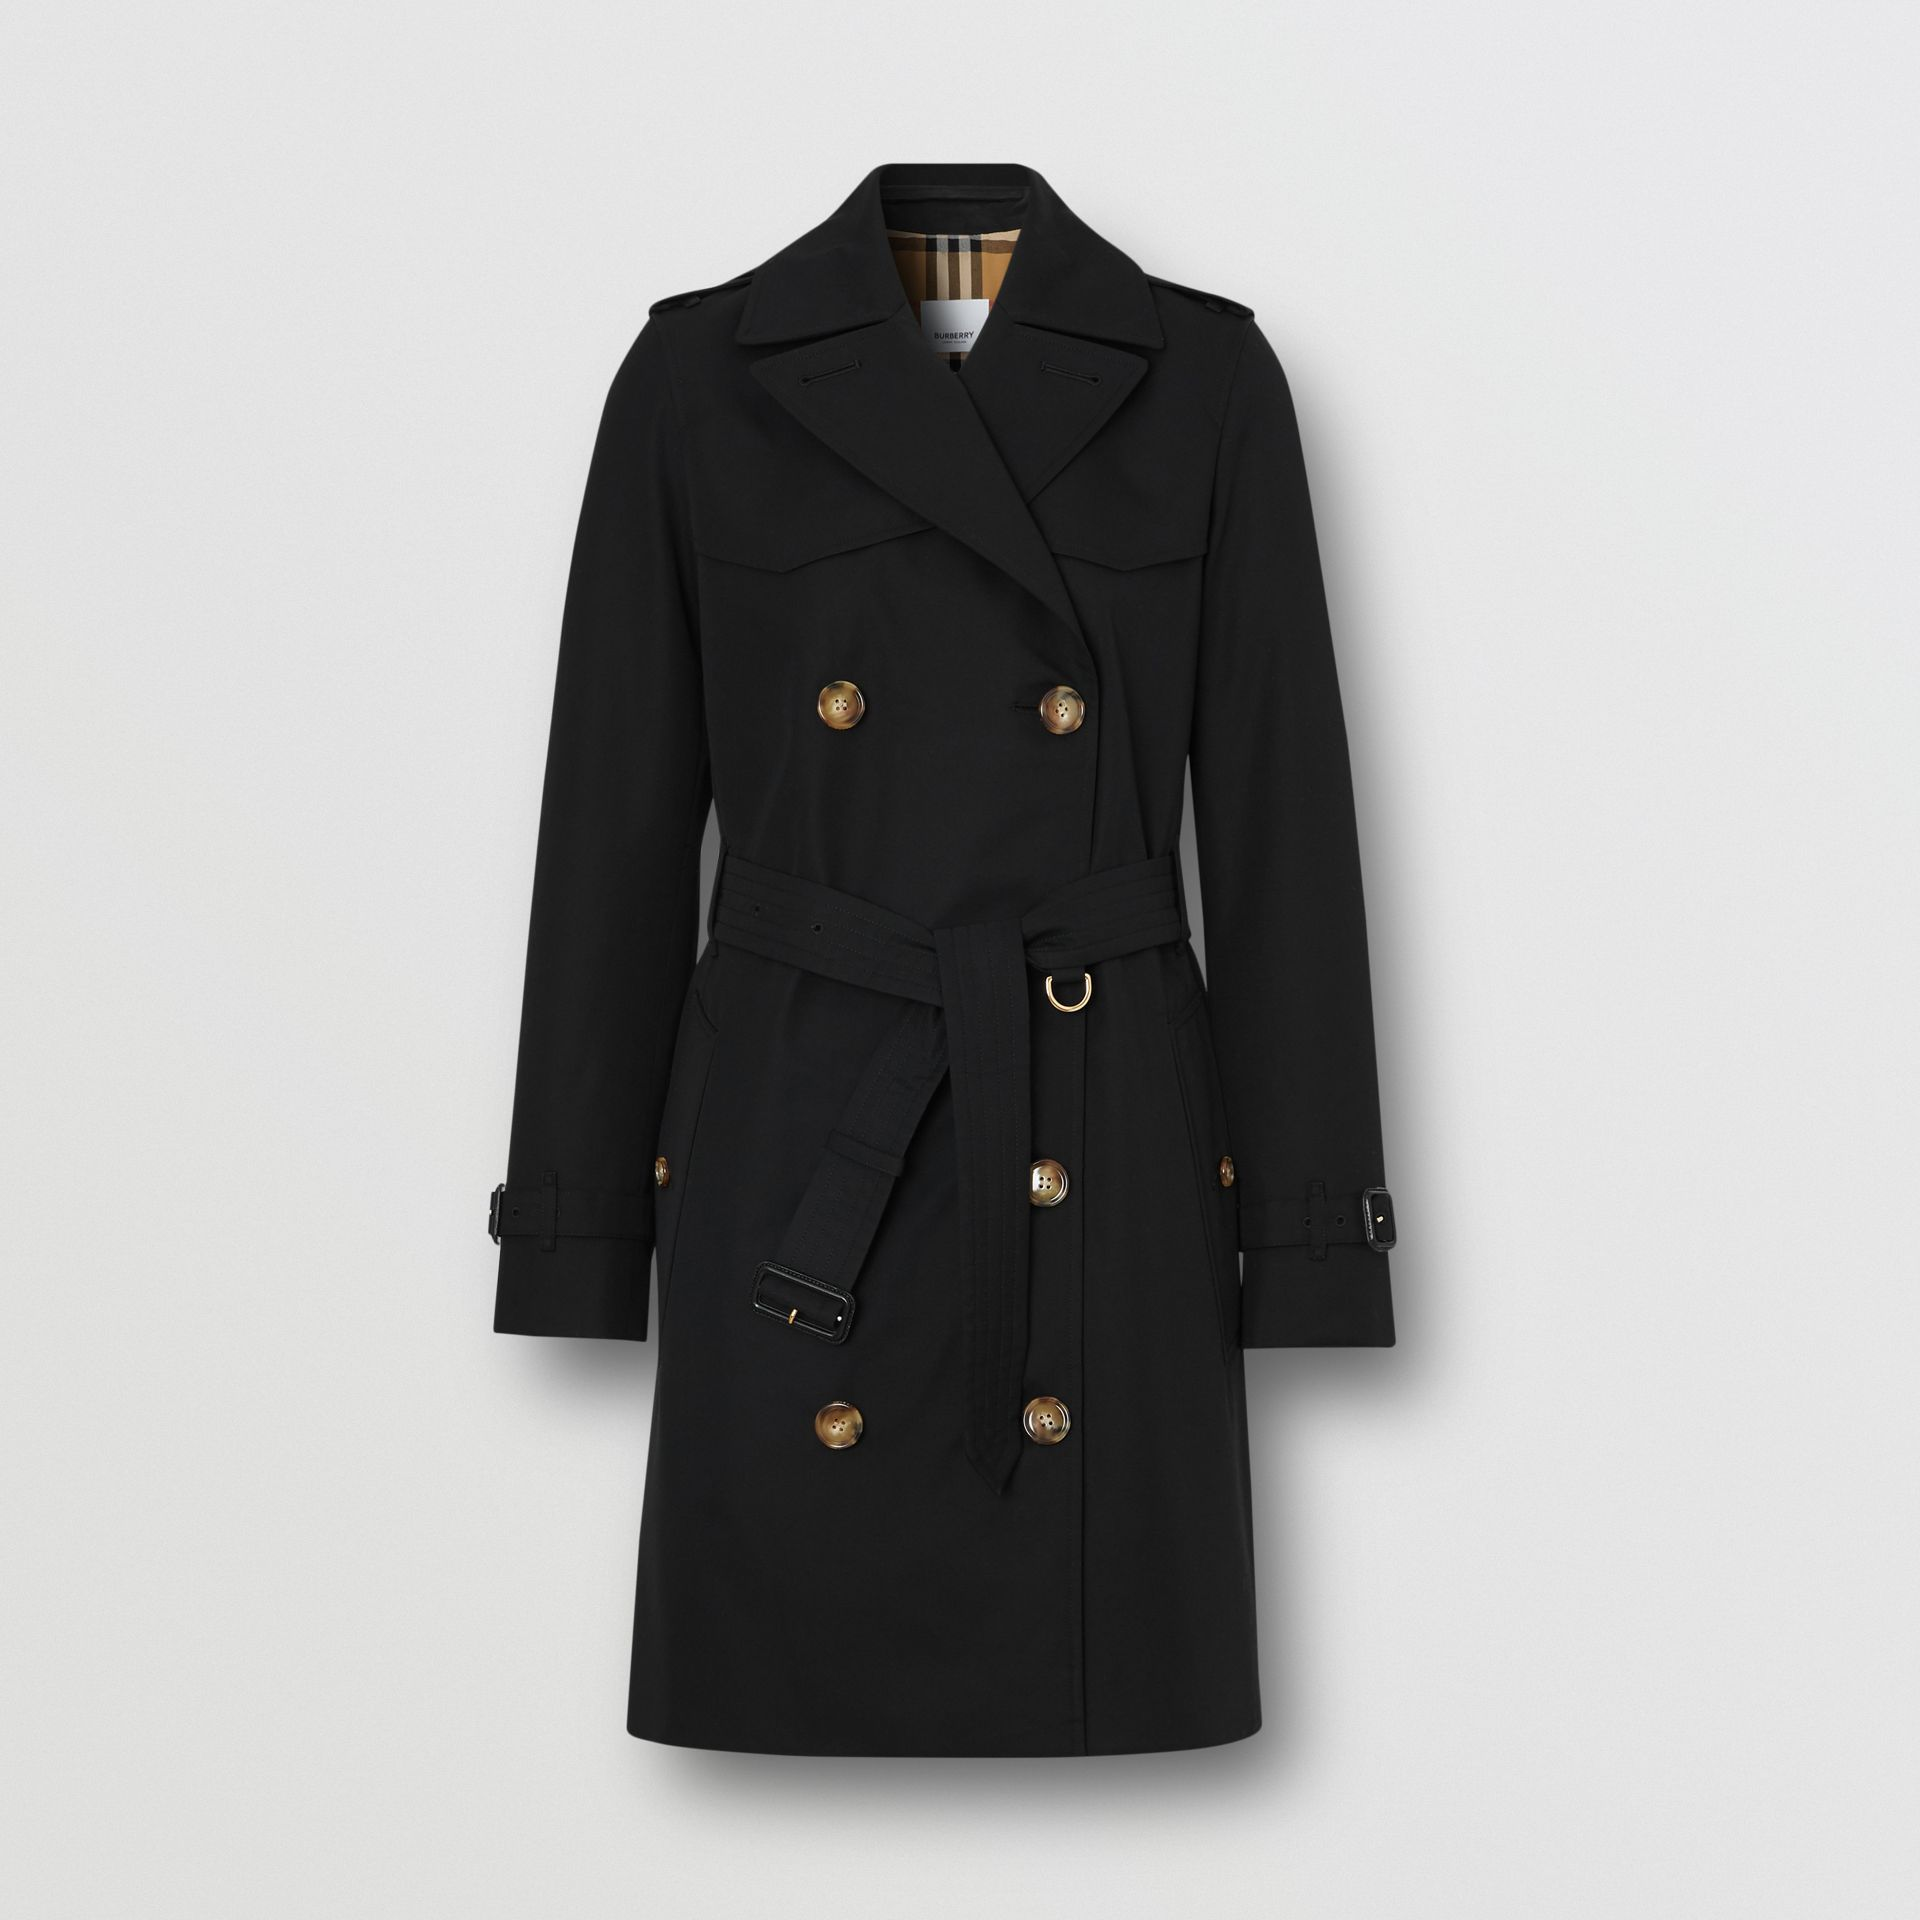 Trench coat Islington curto (Preto) - Mulheres   Burberry - galeria de imagens 3